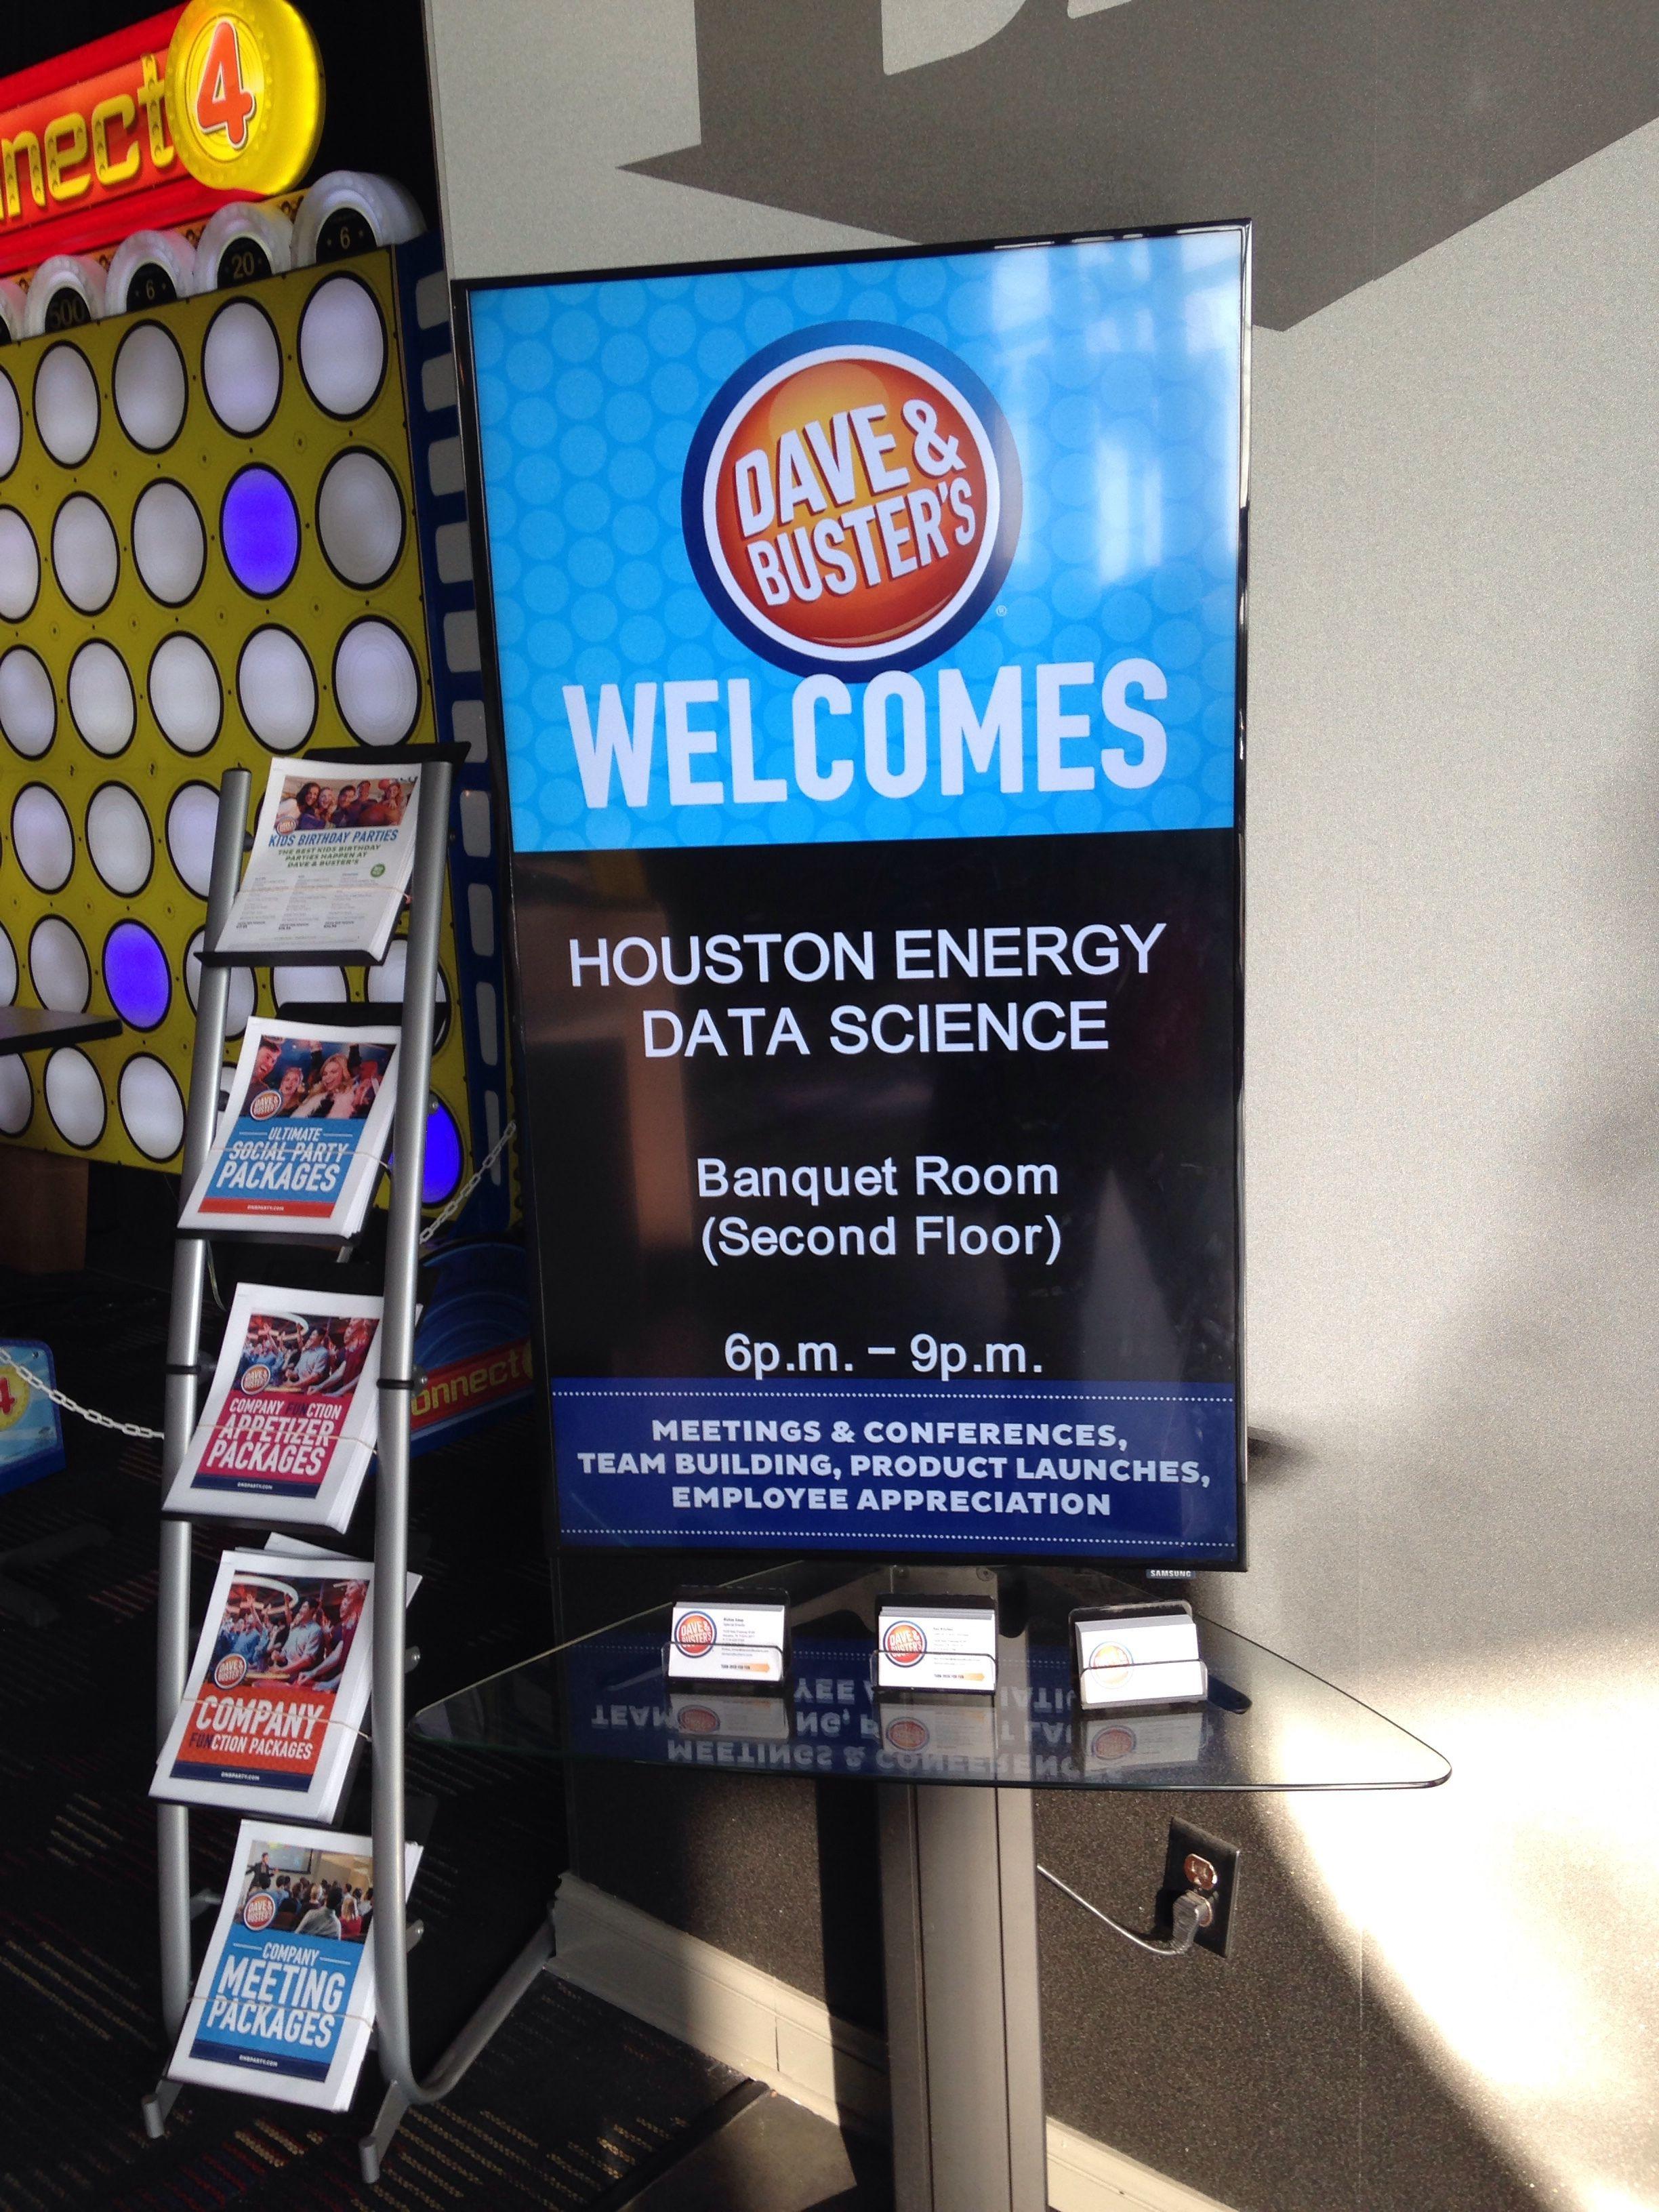 Photos - Houston Energy Data Science Meetup (Houston, TX